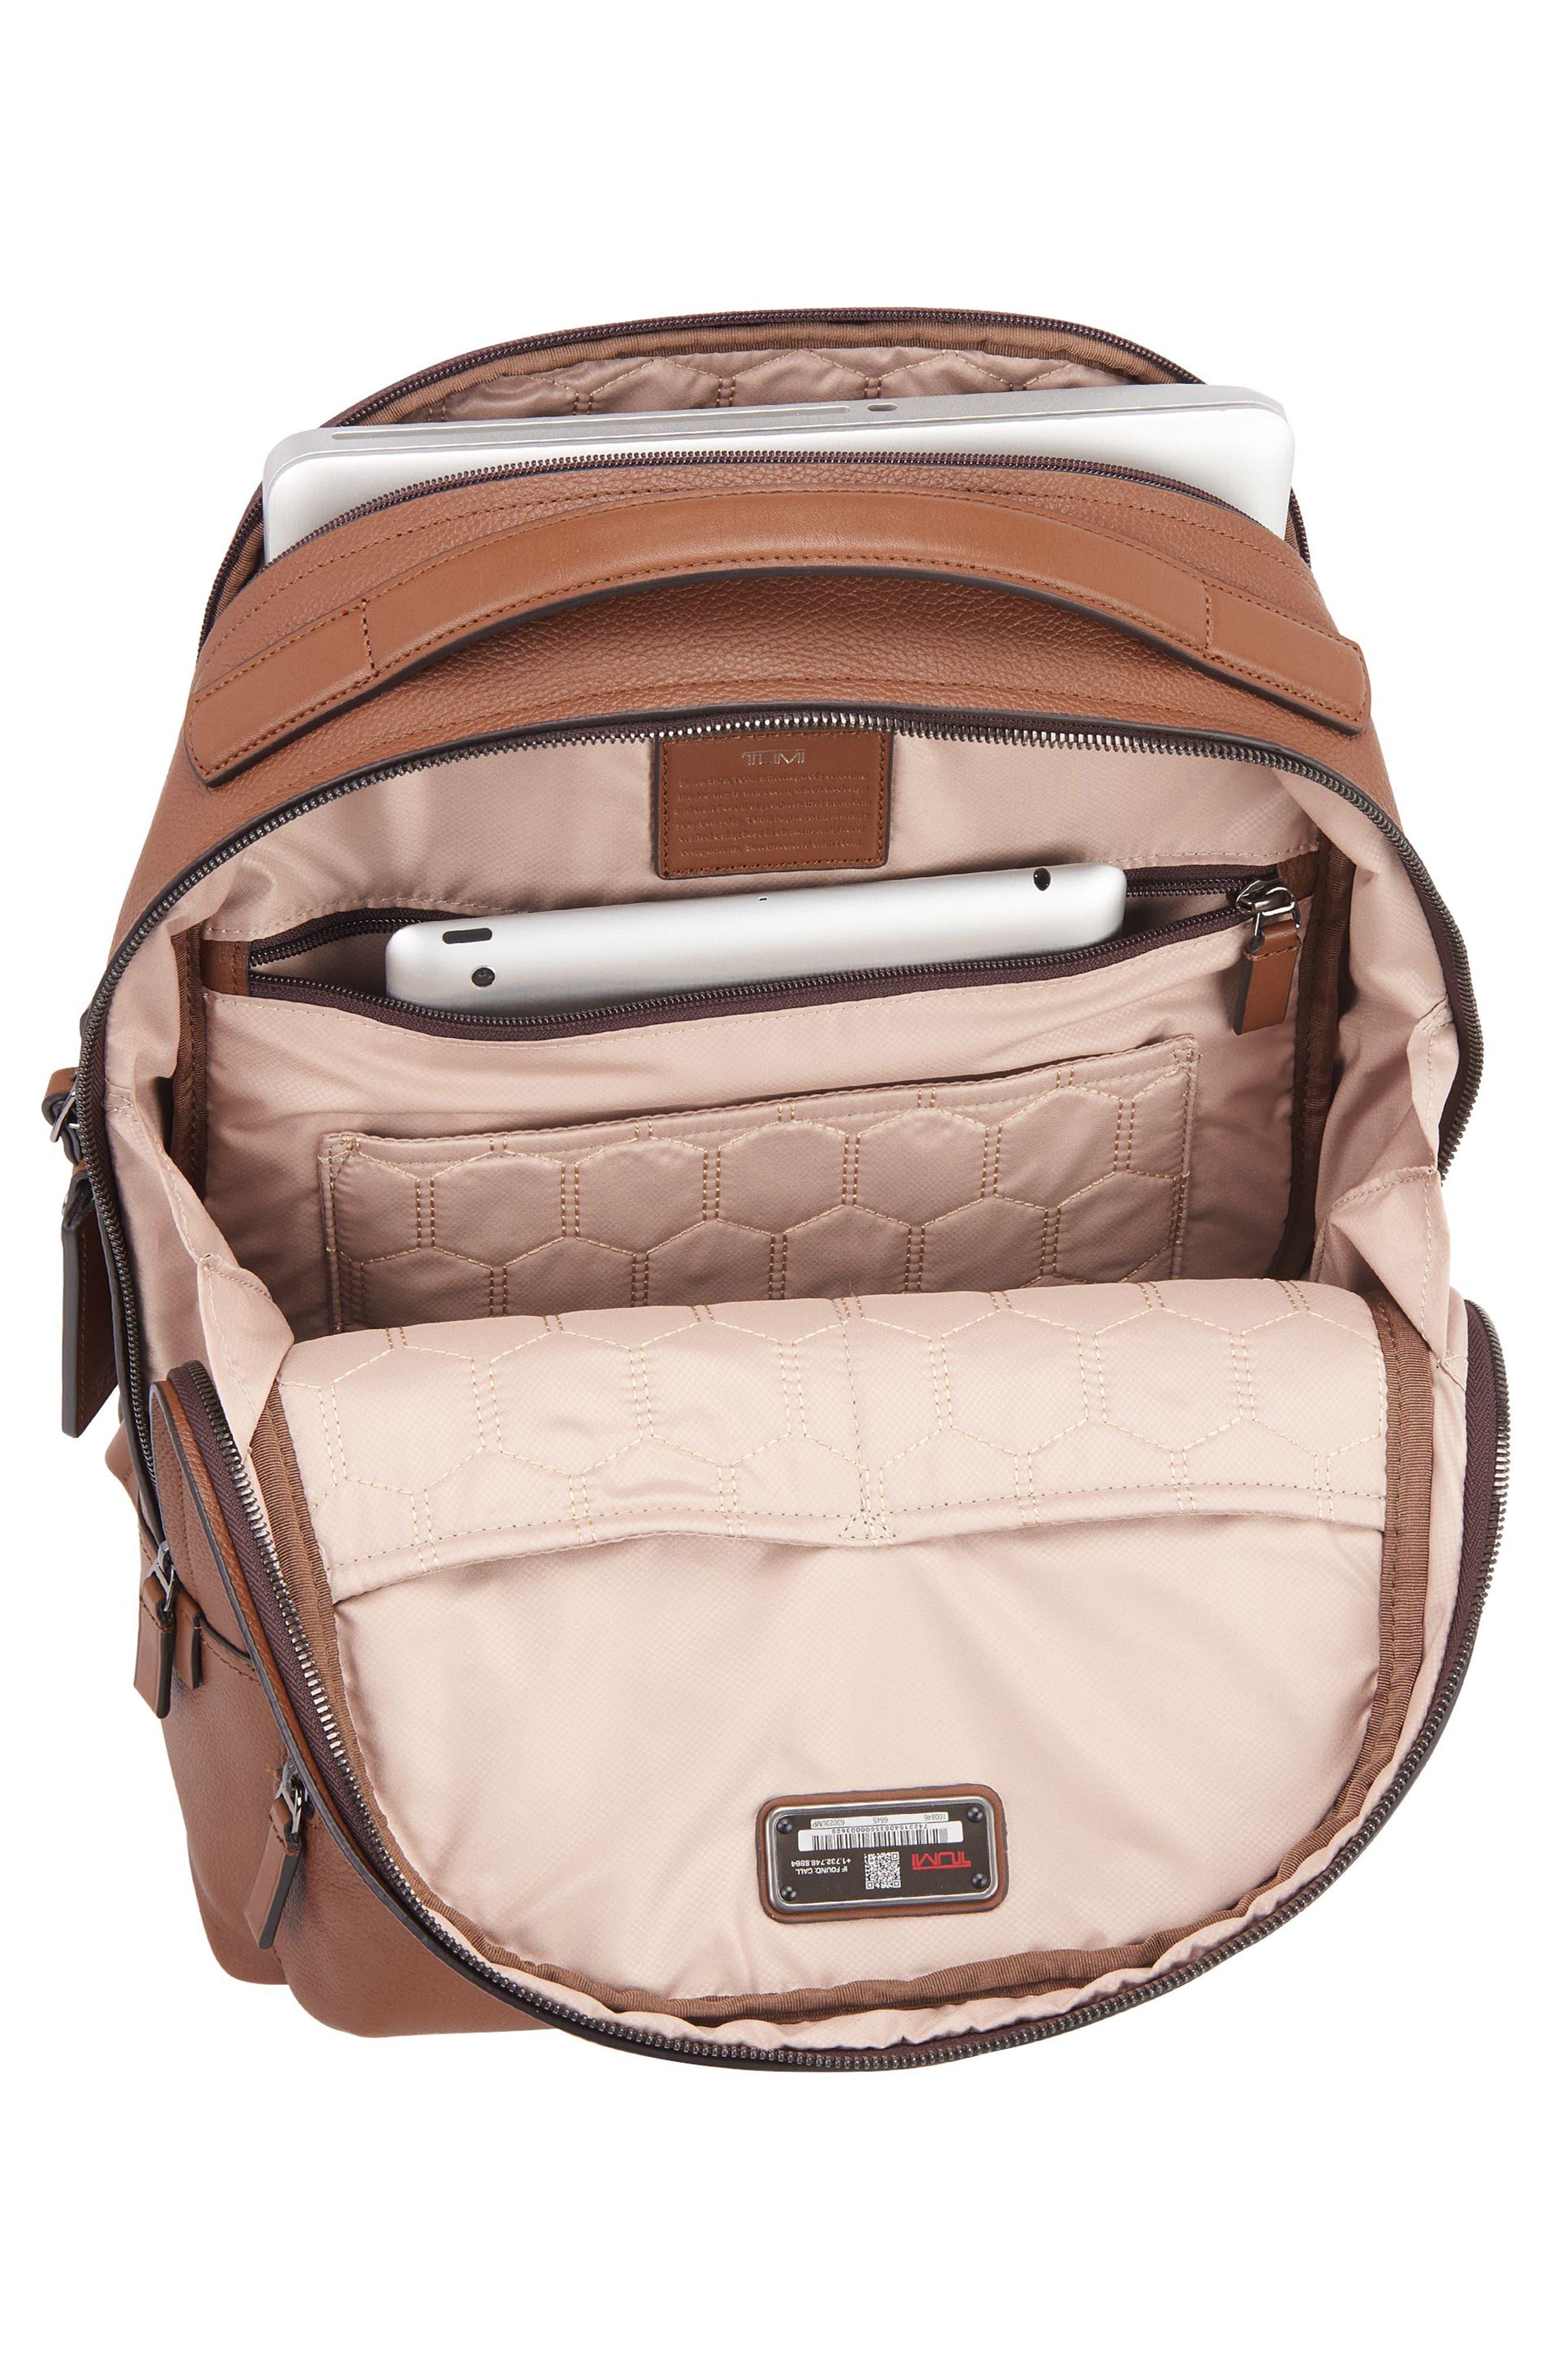 Harrison - Webster Backpack,                             Alternate thumbnail 3, color,                             UMBER PEBBLED